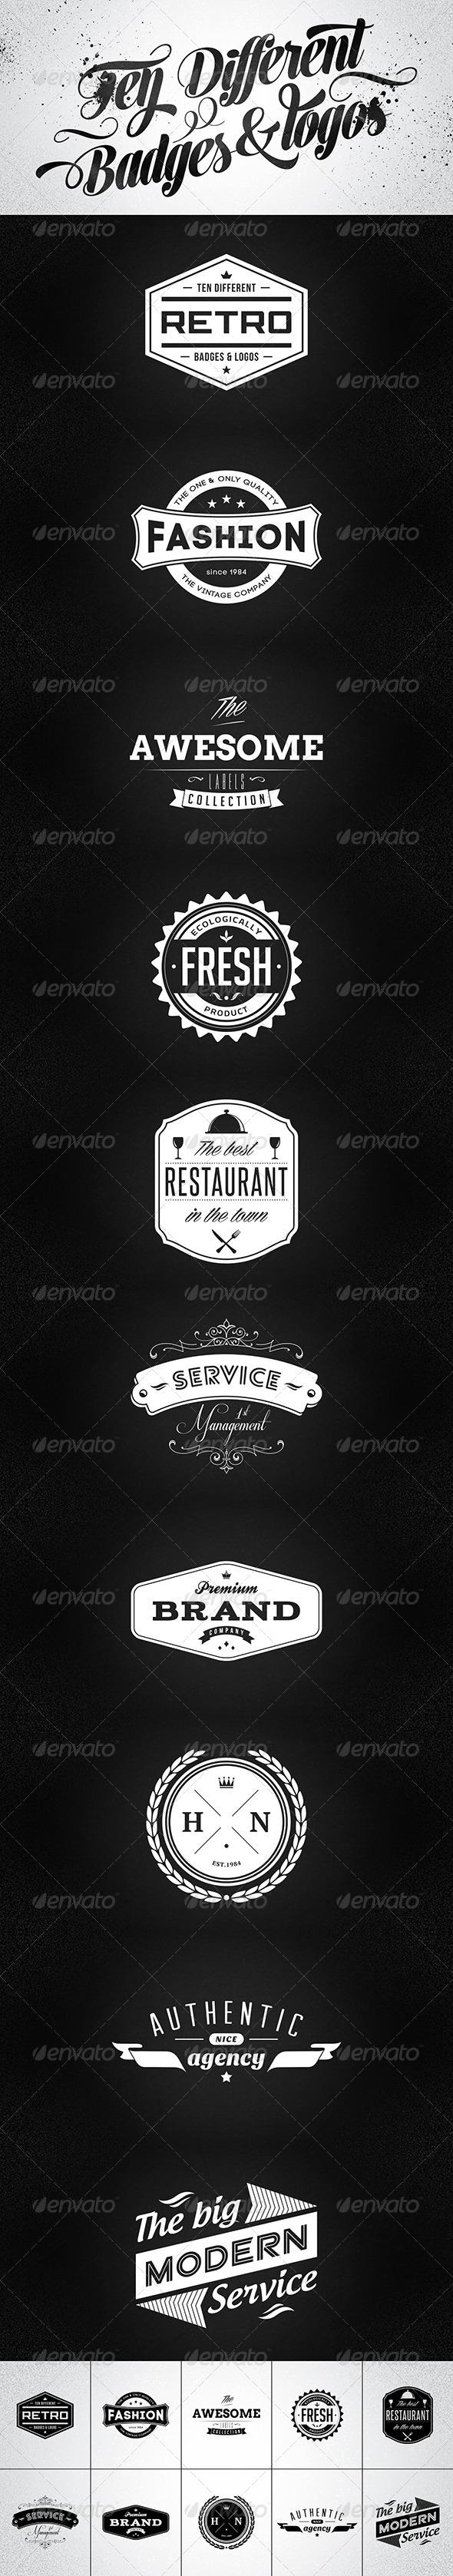 10 Retro Badges & Logos Vol.1 - Badges & Stickers Web Elements